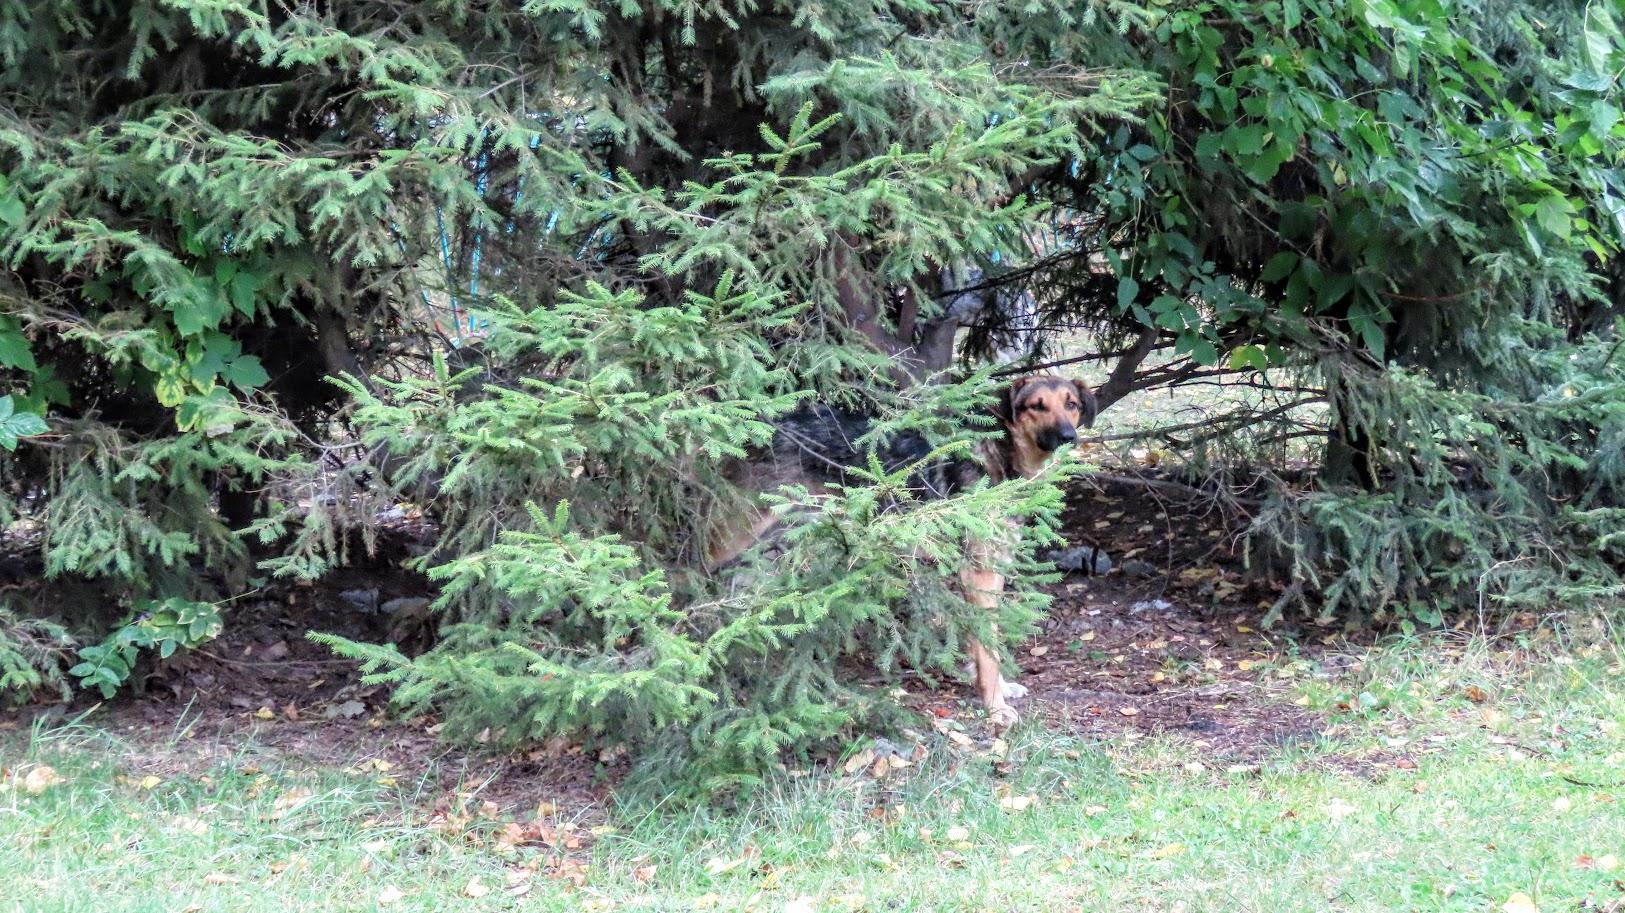 Чайка, шершни и собачки. В Комсомольском парке( 21 фото) 35859961